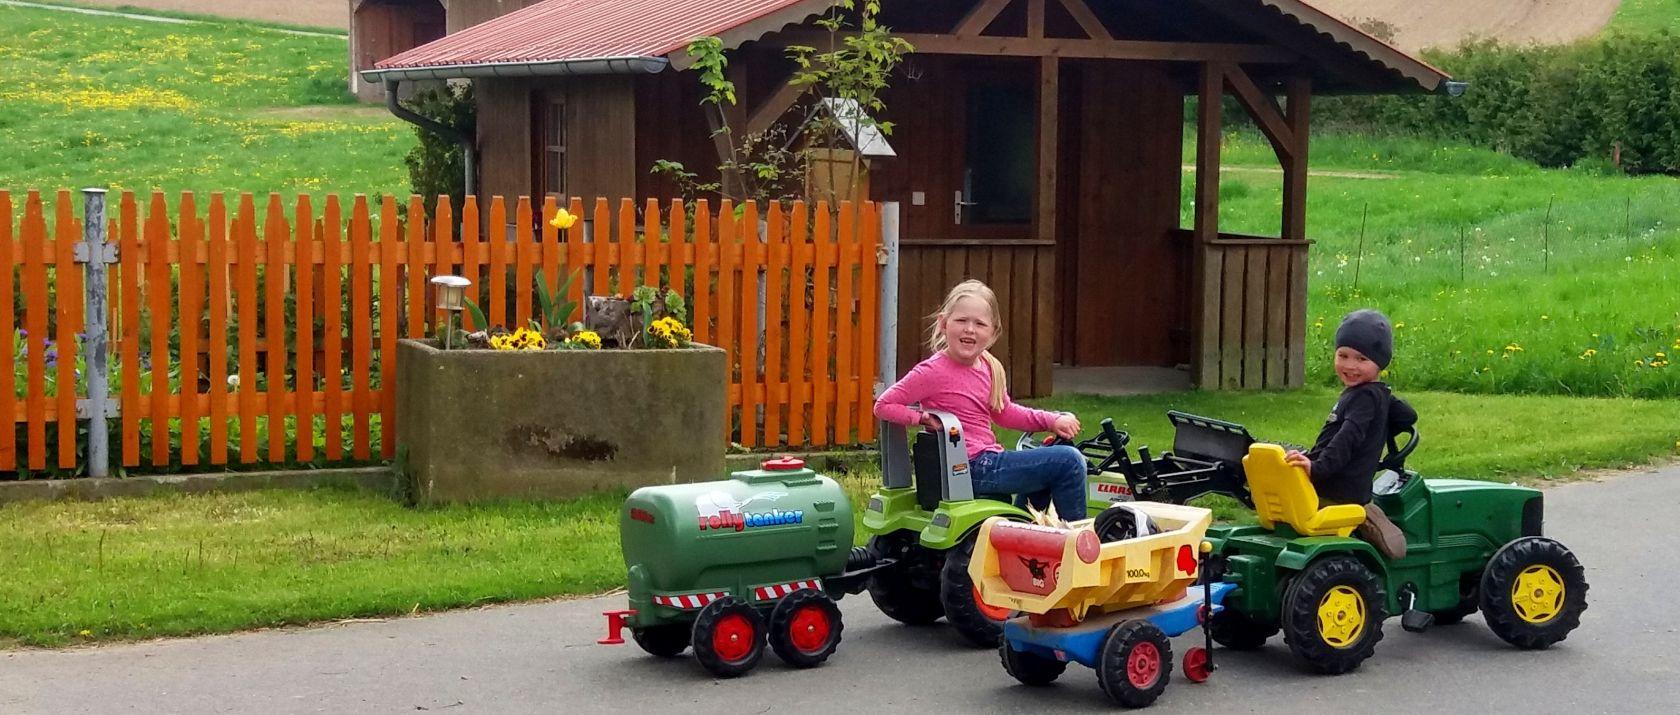 guthof-kinder-bauernhof-bayern-tretfahrzeuge